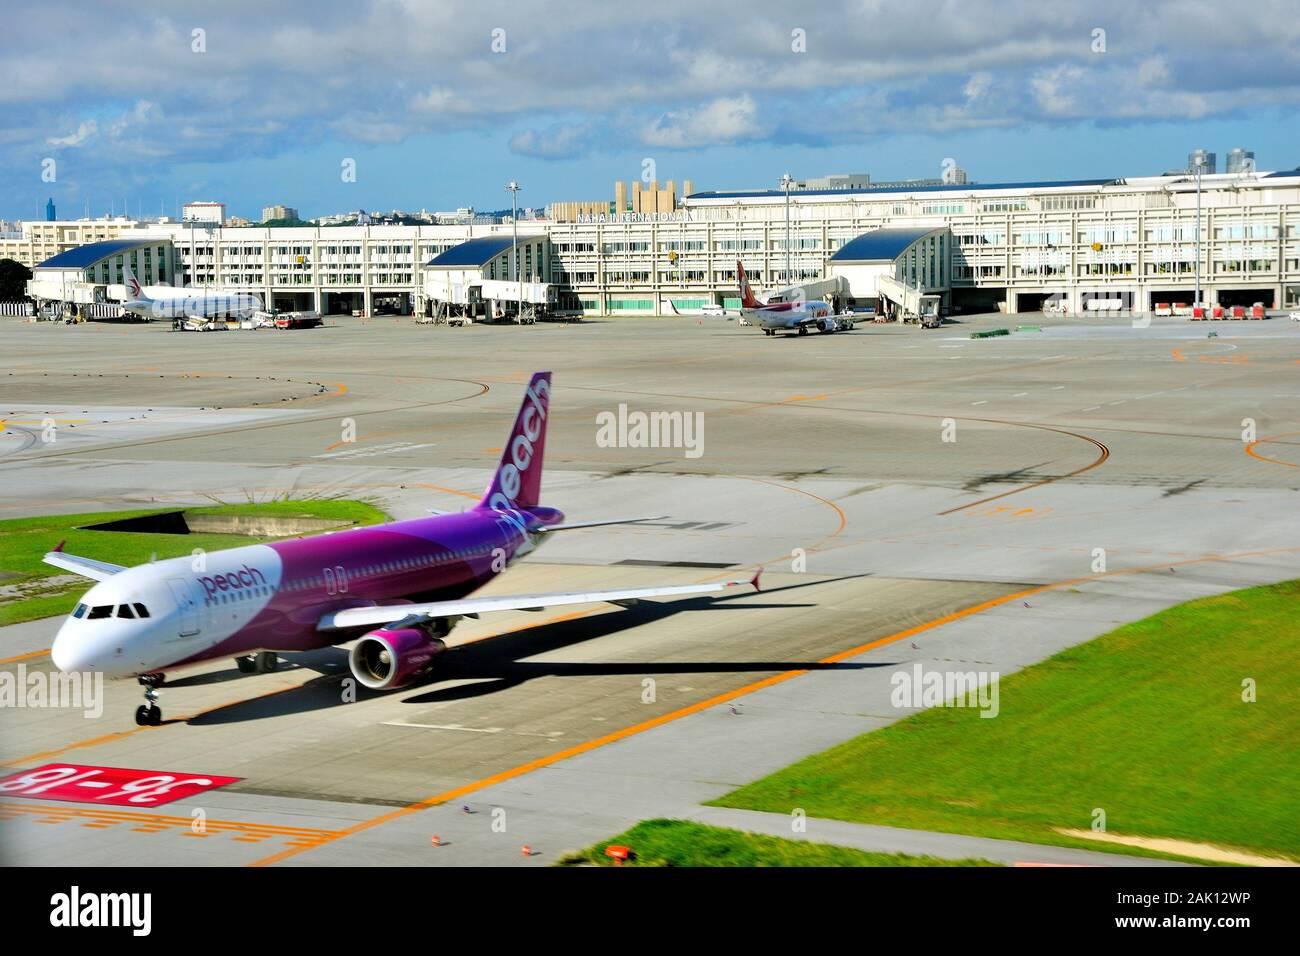 Aéroport De Naha (Roha), Aérien, Avec Airbus Peach Aviation, A 320, En Attente De Départ, Naha, Okinawa, Japon Banque D'Images